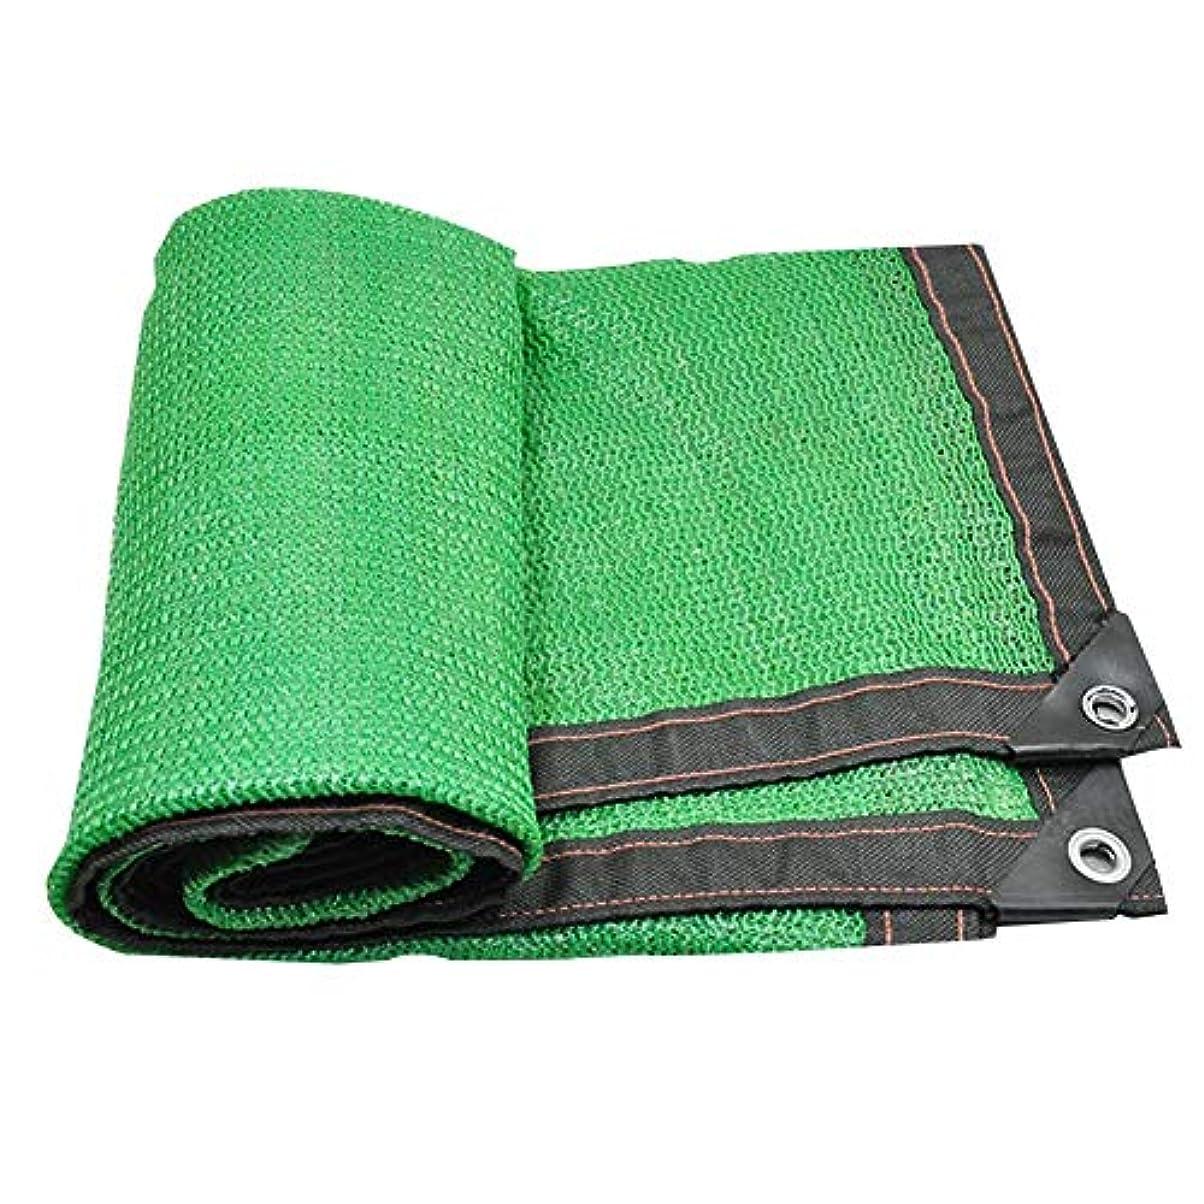 望む言い直す賞賛するSHIJINHAO オーニングシェード遮光ネット スイミングプール 日焼け止め 影 カバー 酸化防止剤 エッジ保護 メタルホール ポリエステル、20サイズ、2色 (Color : Green, Size : 4x9m)